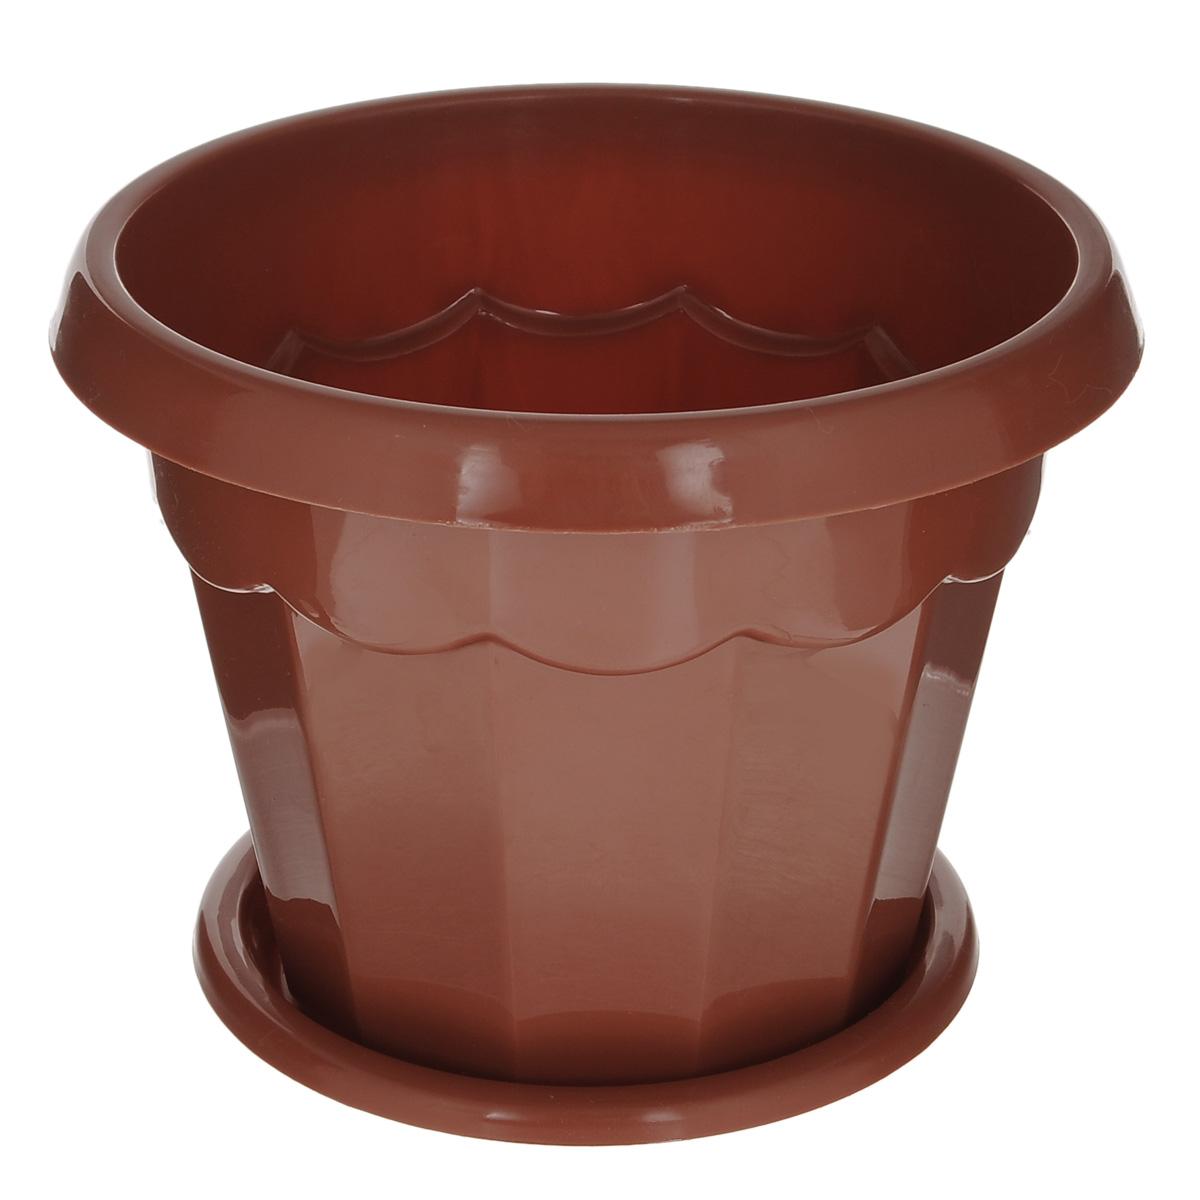 Горшок для цветов Альтернатива Гармония, с поддоном, цвет: коричневый, 2,5 л, диаметр 18,5 смМ1575Цветочный горшок Альтернатива Гармония выполнен из пластика предназначен для выращивания в нем цветов, растений и трав. Такой горшок порадует вас современным дизайном и функциональностью, а также оригинально украсит интерьер помещения. К горшку прилагается поддон.